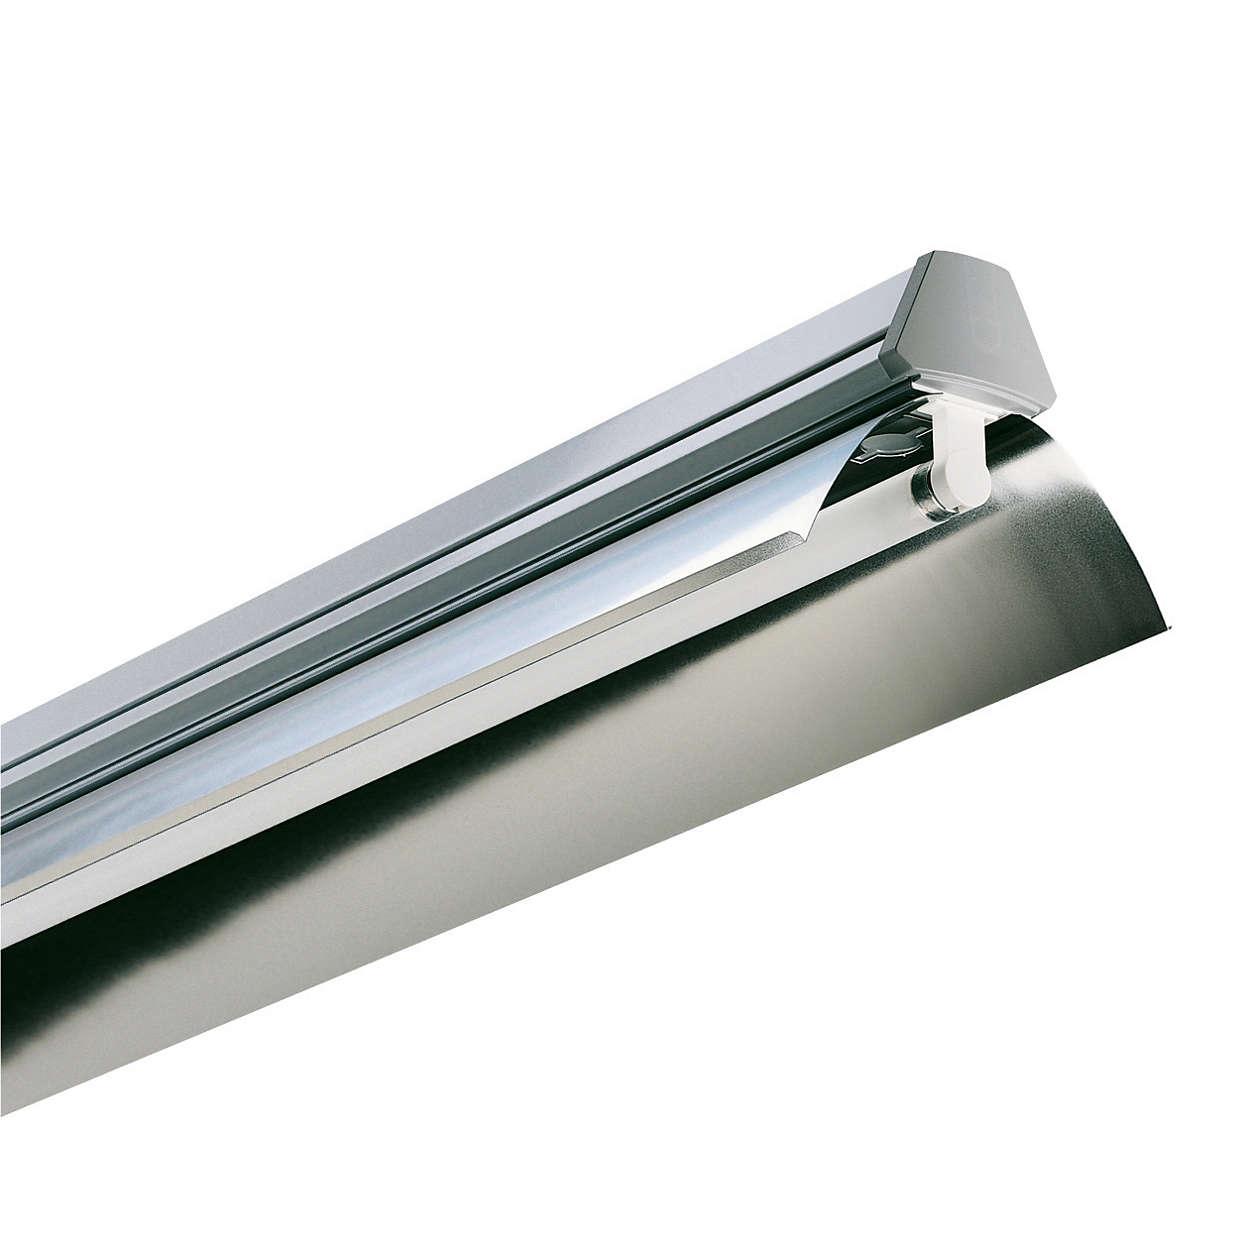 Алюминиевые отражатели и оптика Maxos TL-D — лидер по качеству в отрасли